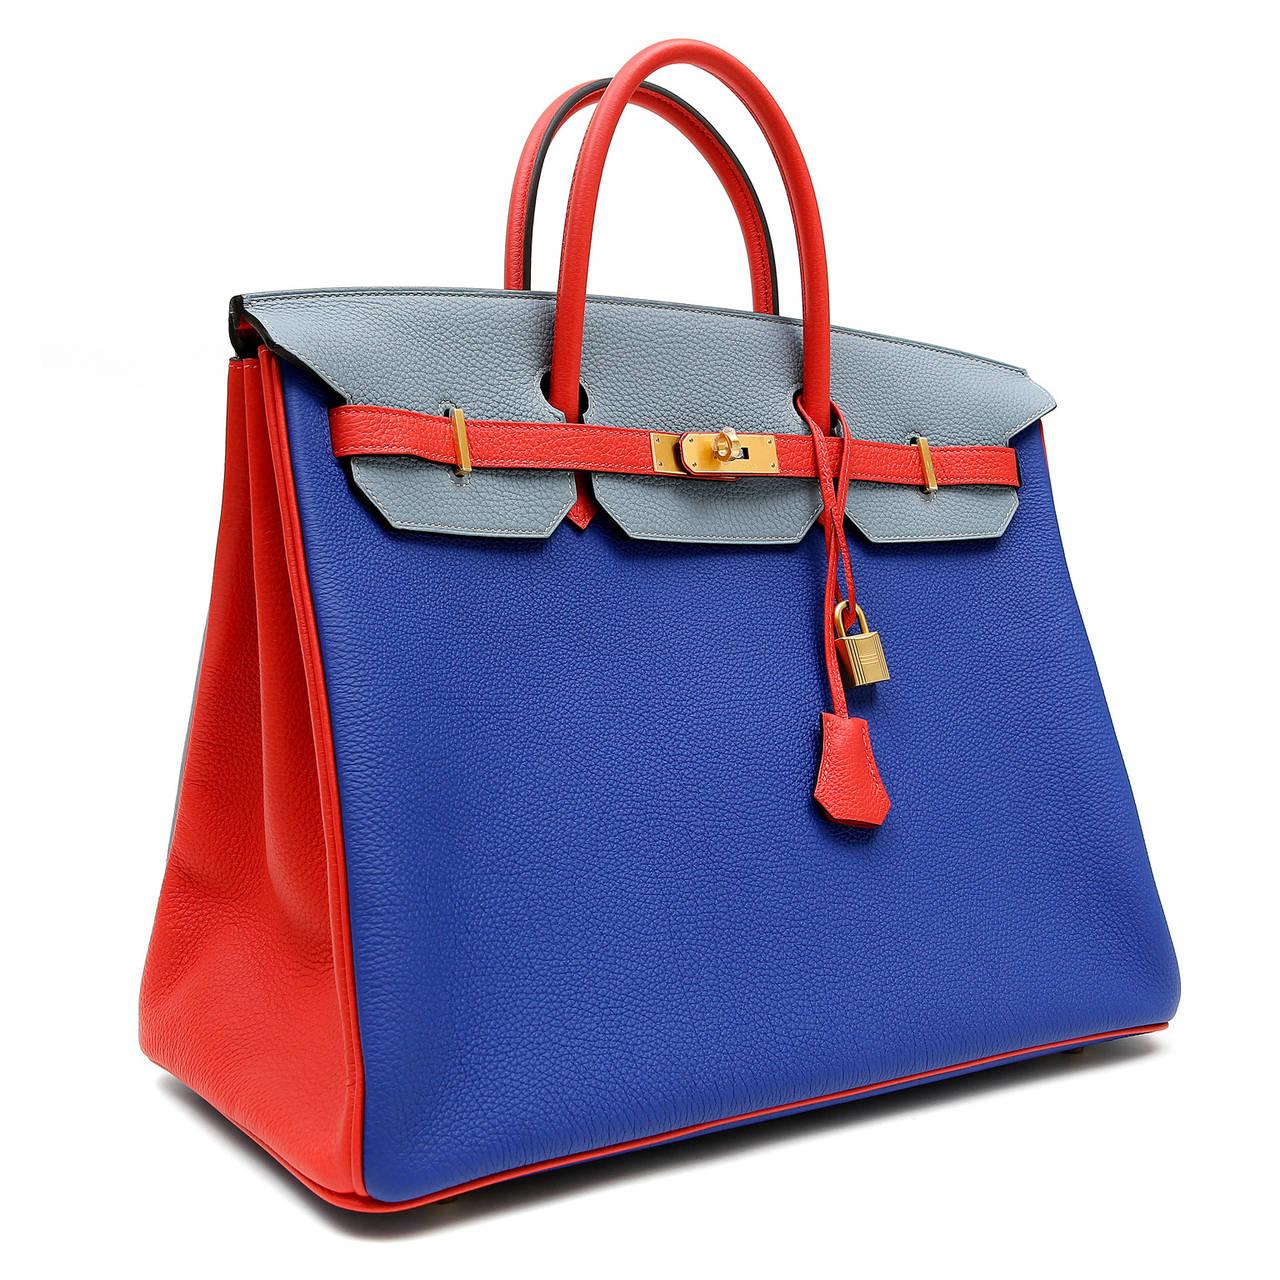 hermes bag colors, hermes mens bags